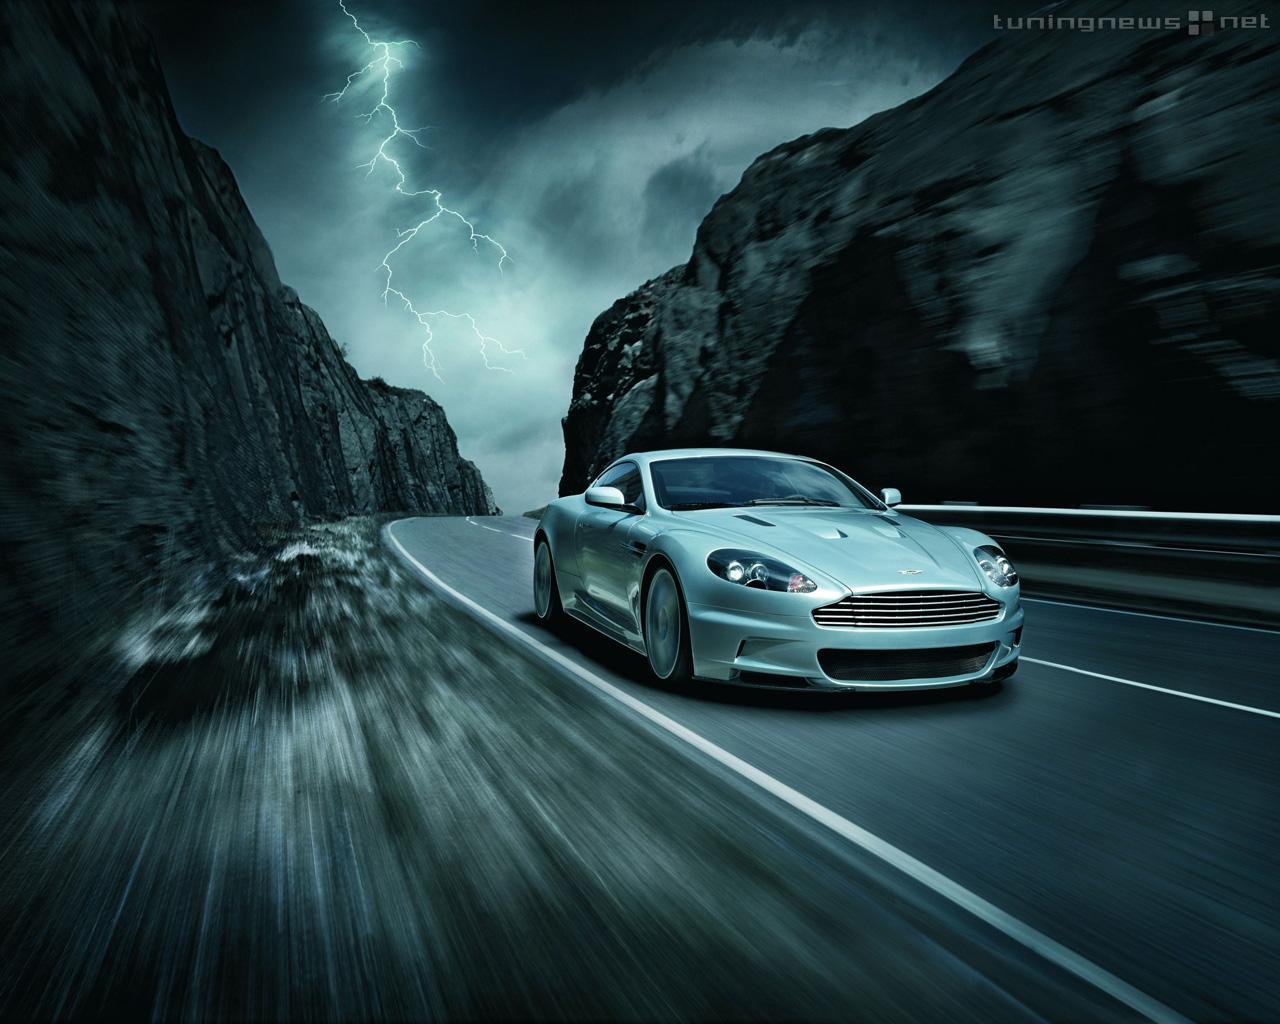 Aston Martin DB Wallpaper HD Car Wallpapers ID